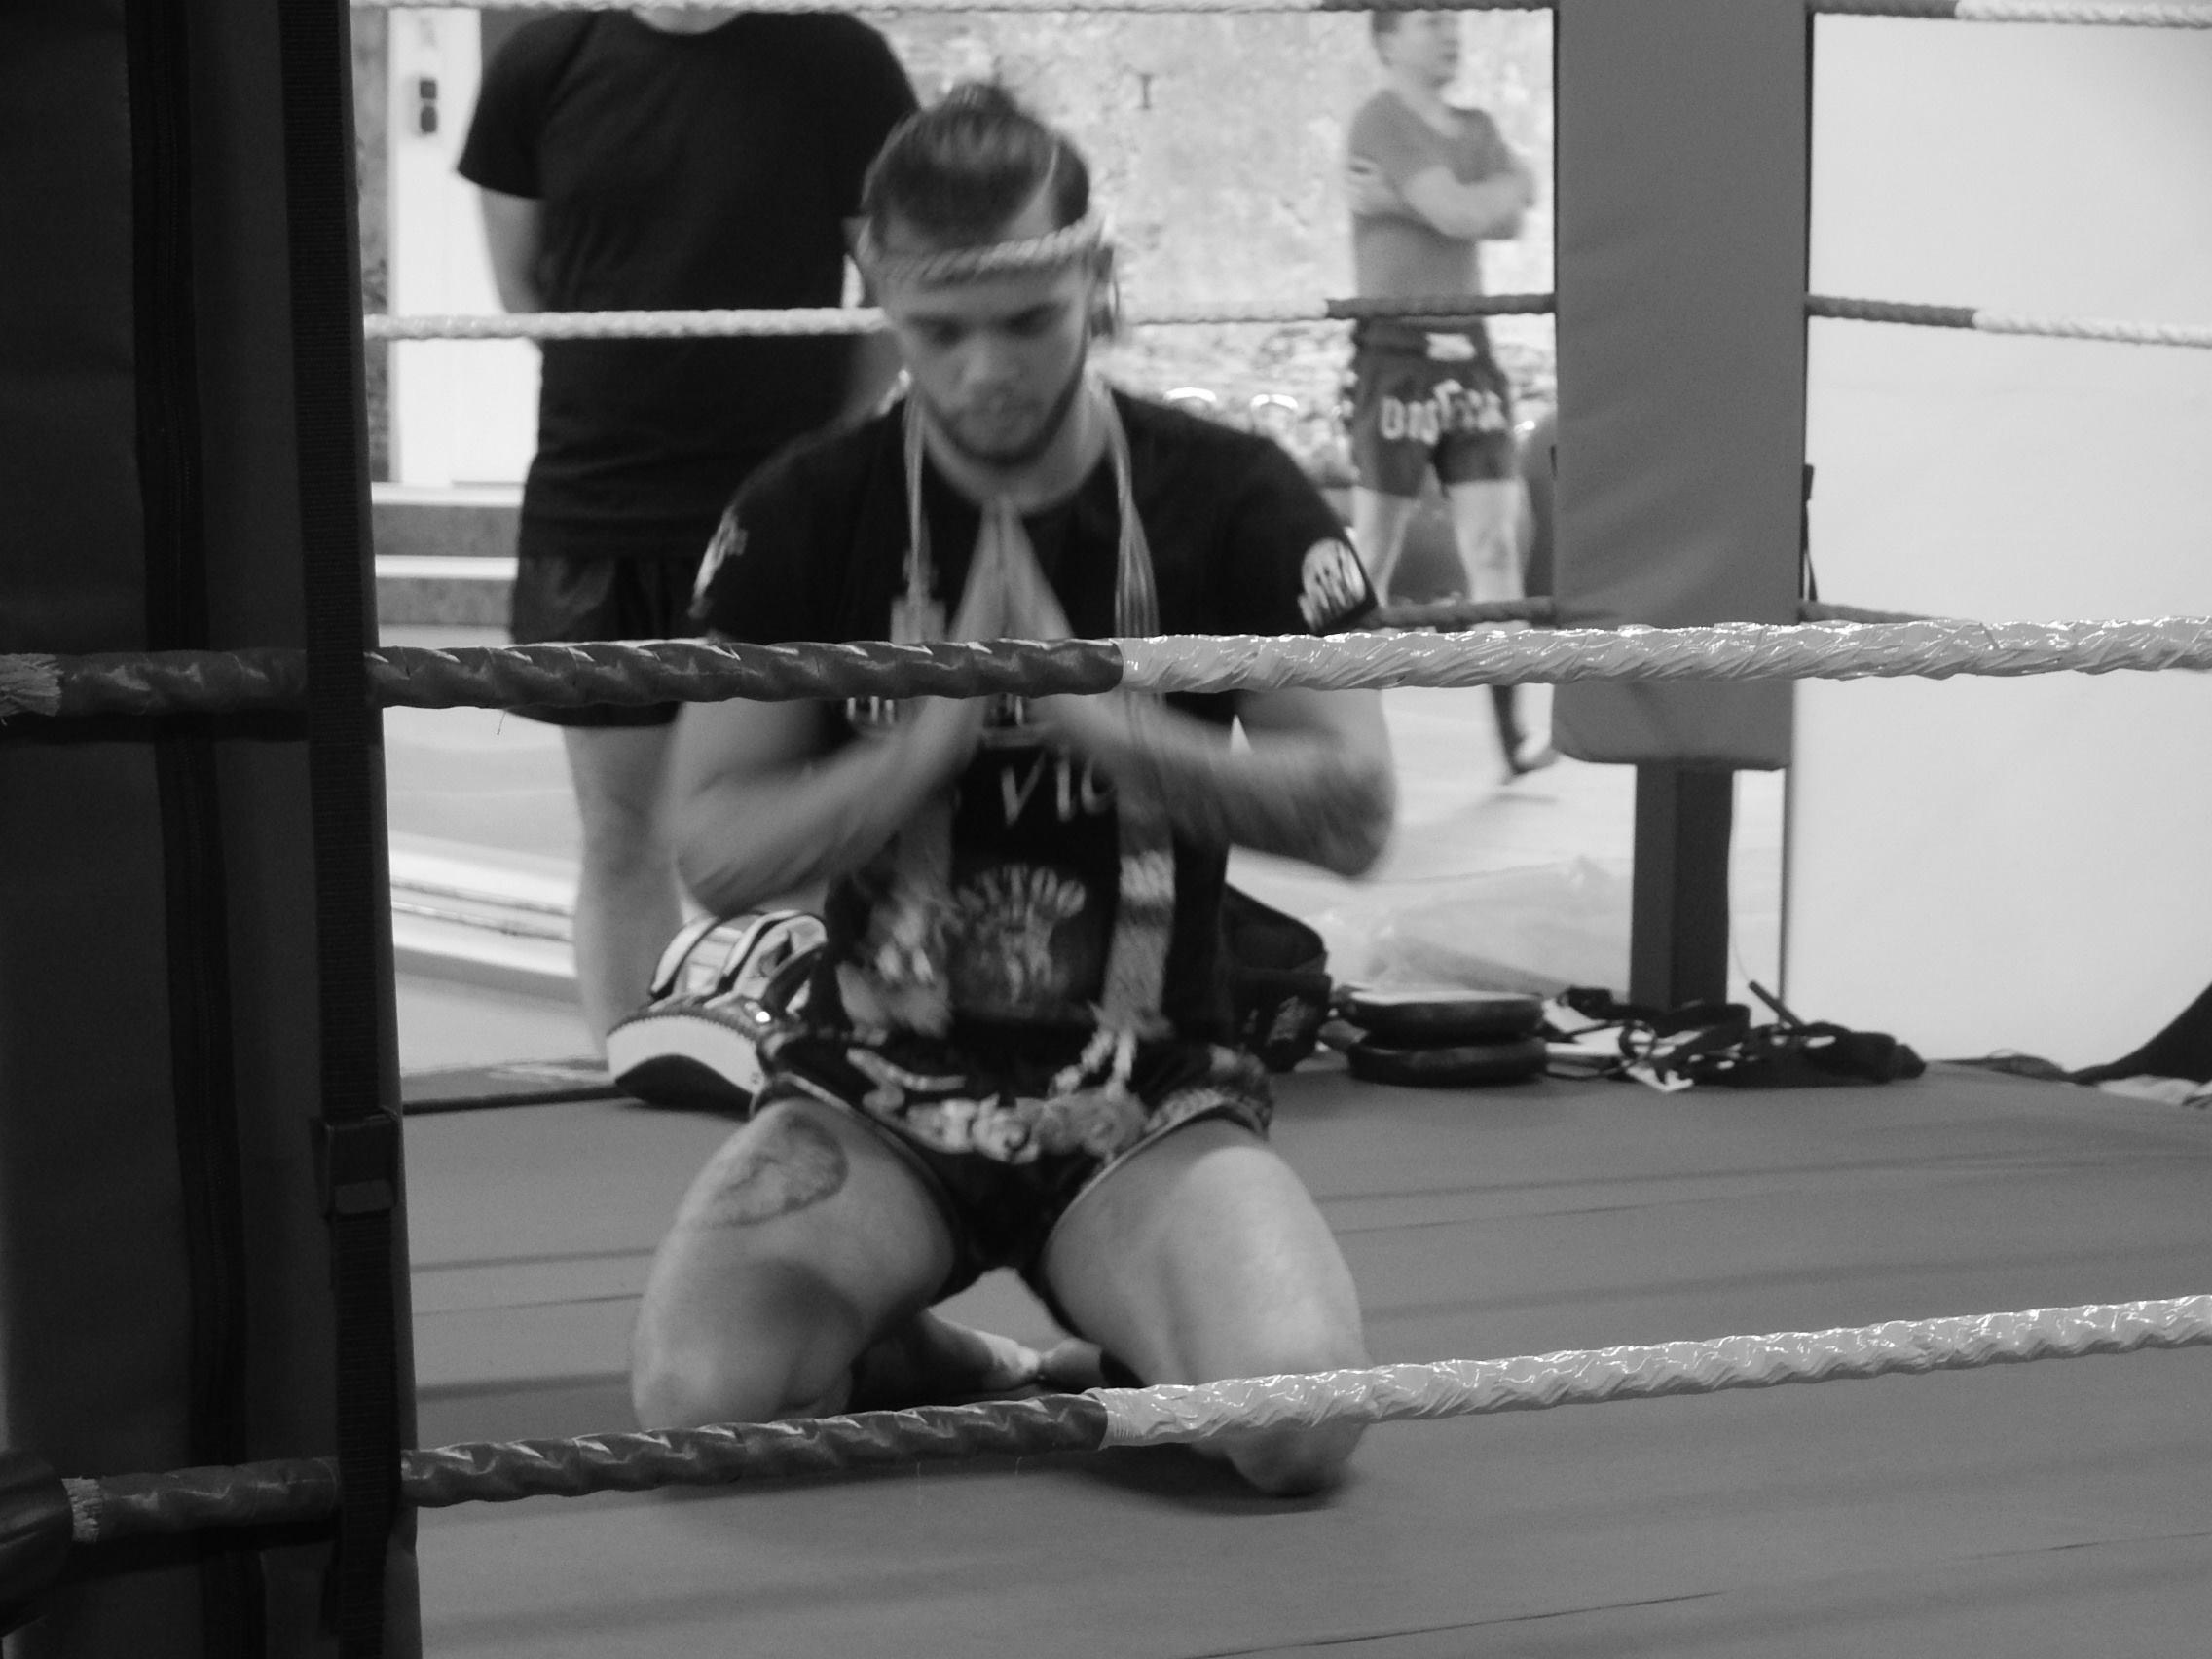 Marcel Niebur Thaiboxer